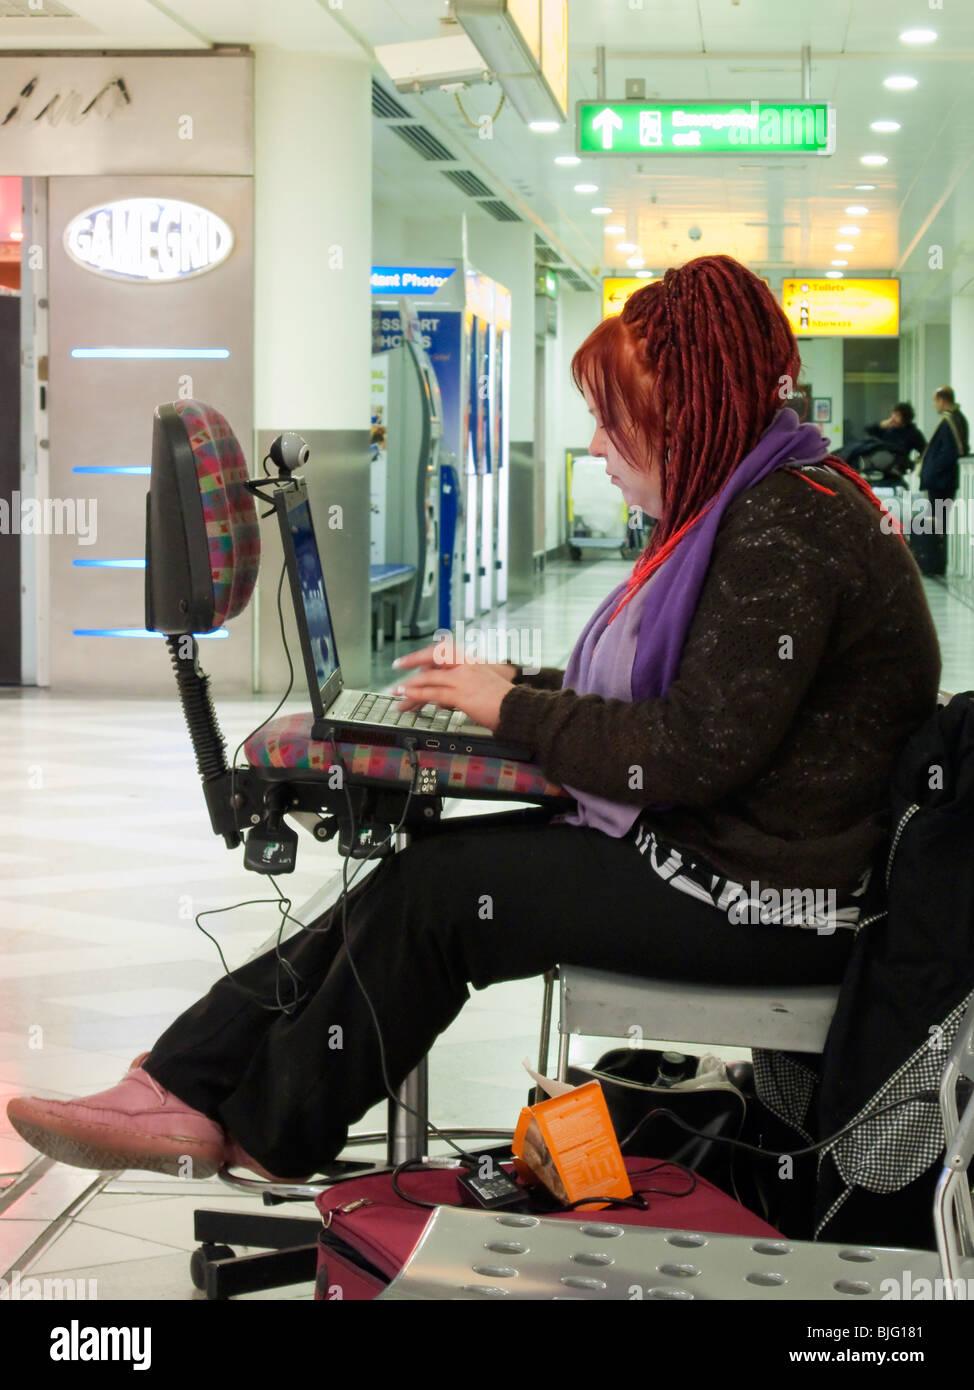 Una femmina di linea aerea passeggero utilizzando un computer portatile in un aeroporto zona di transito con l'attesa Immagini Stock